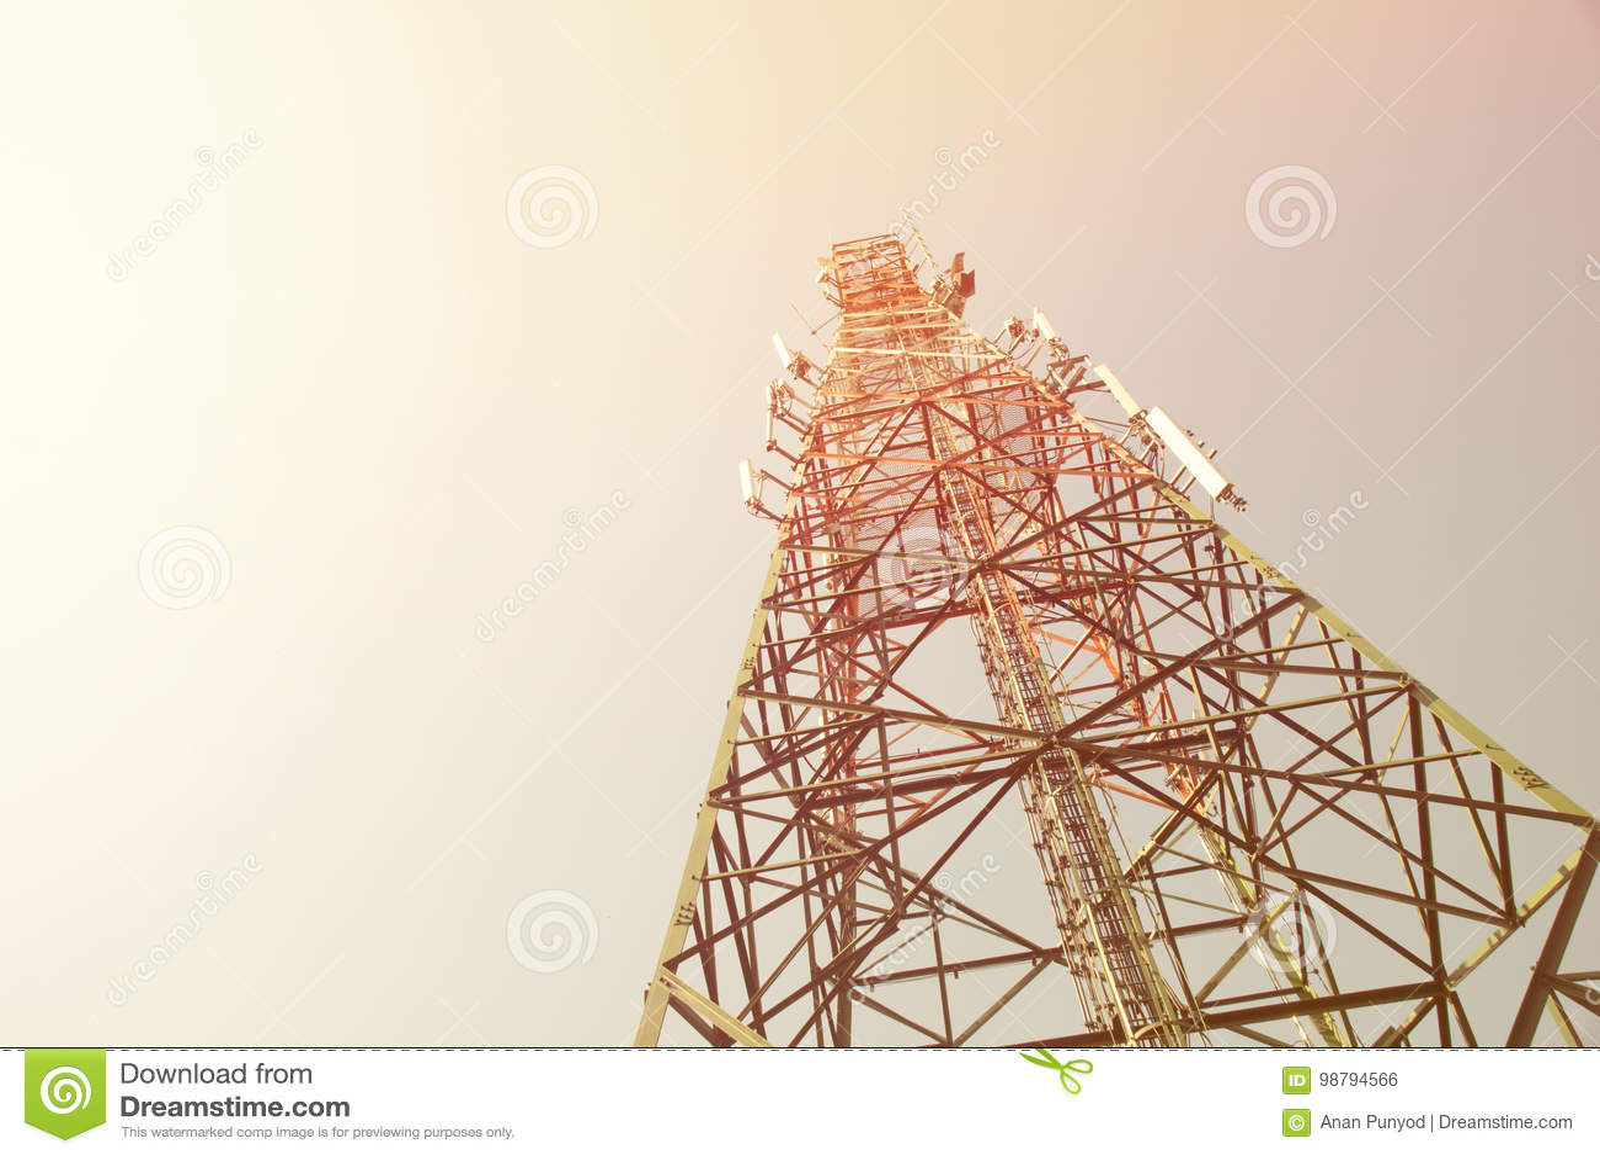 Op van de de antennetoren van de menings mobiele waaier de mast van de communicatie het nieuwslevering elektriciteits radioontvan